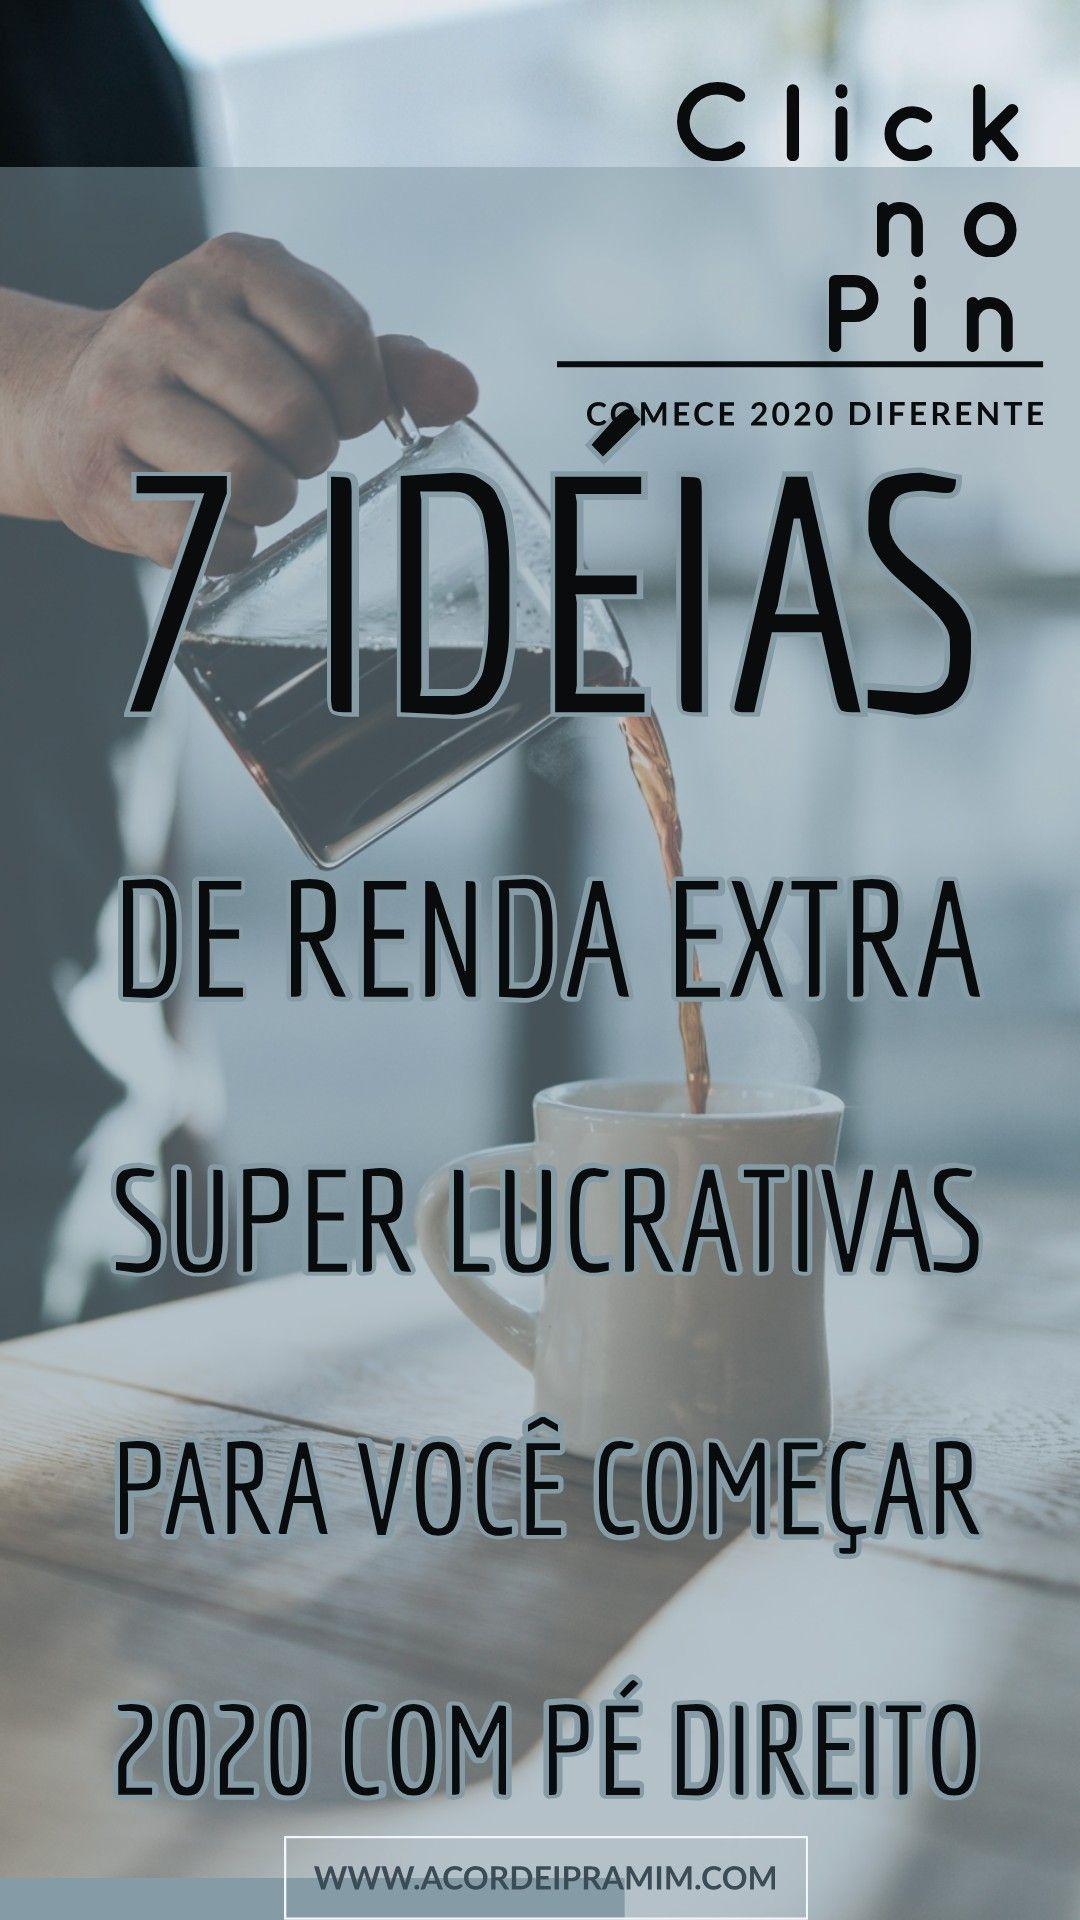 7 Excelentes Ideias de Renda Extra